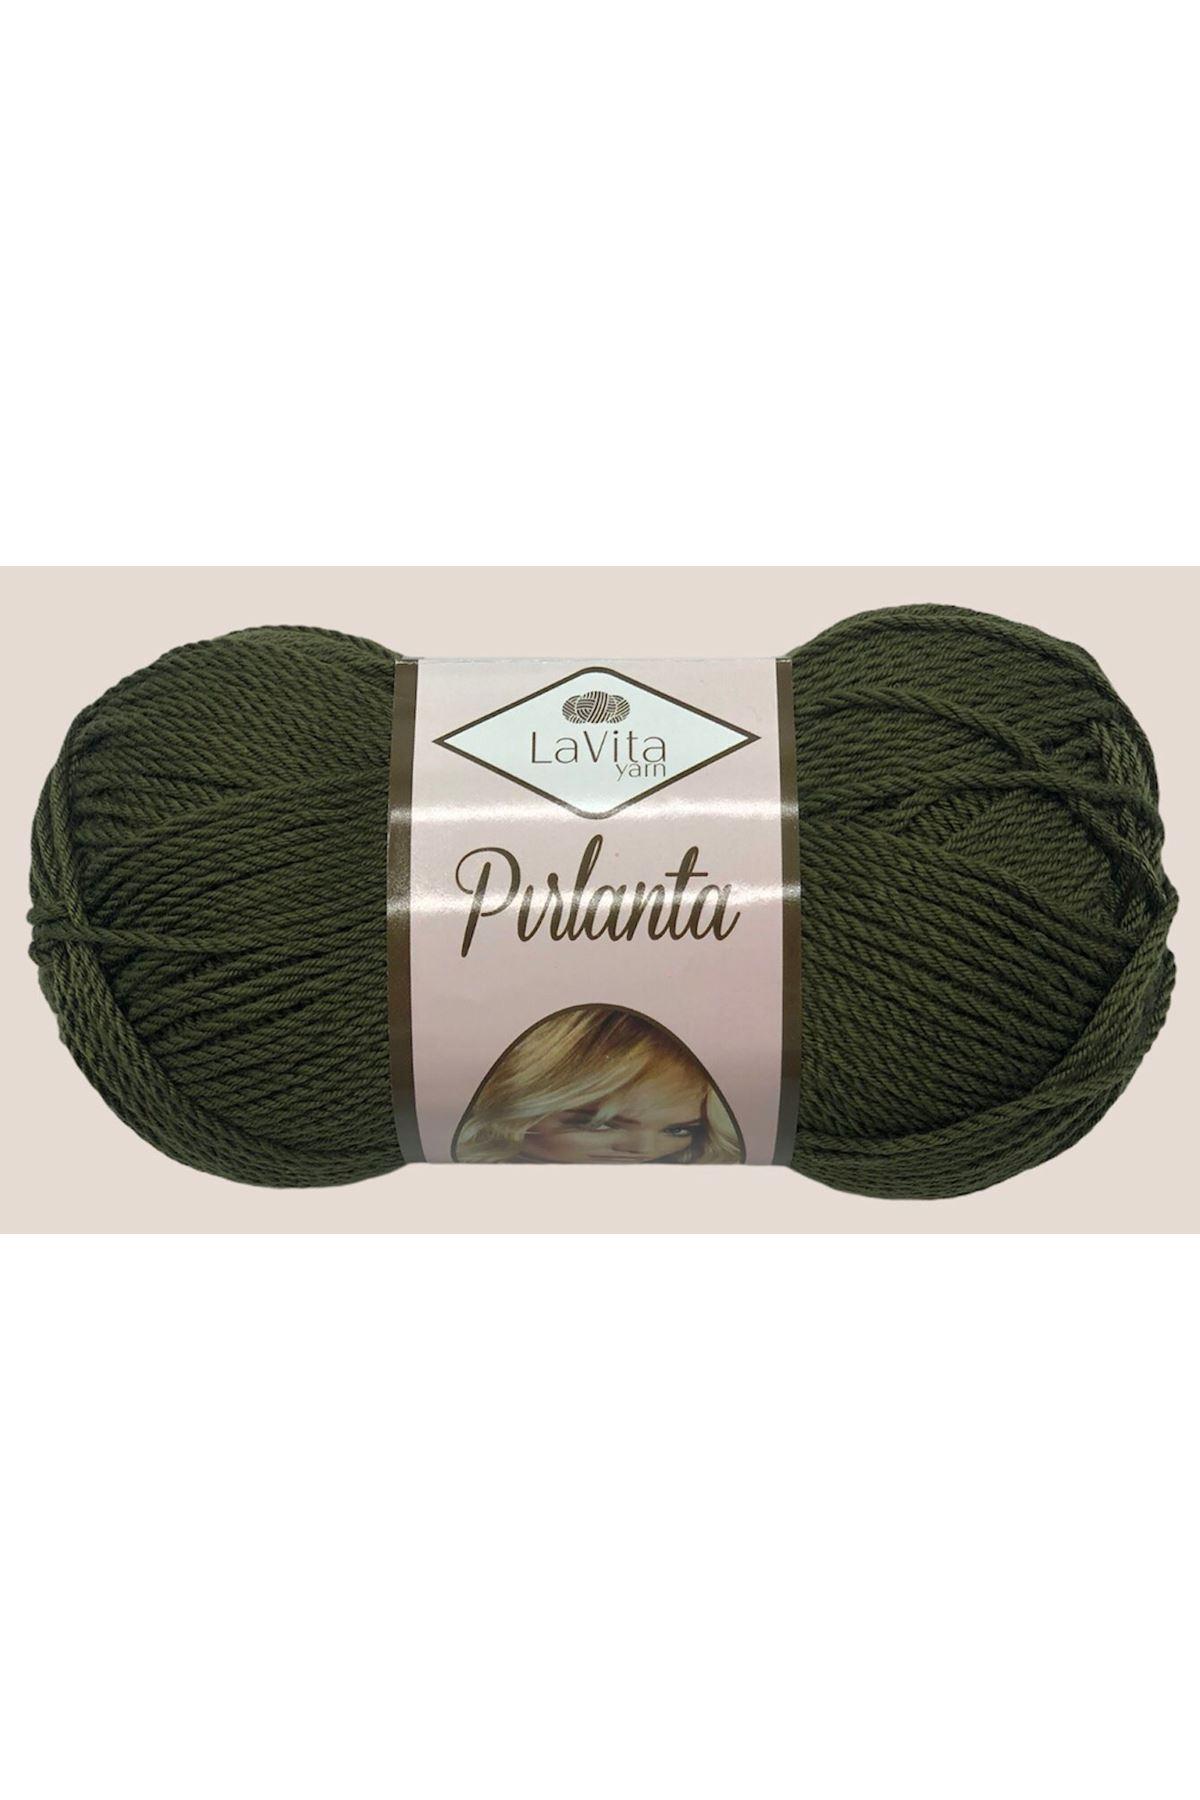 Lavita Pırlanta - 9616 Haki